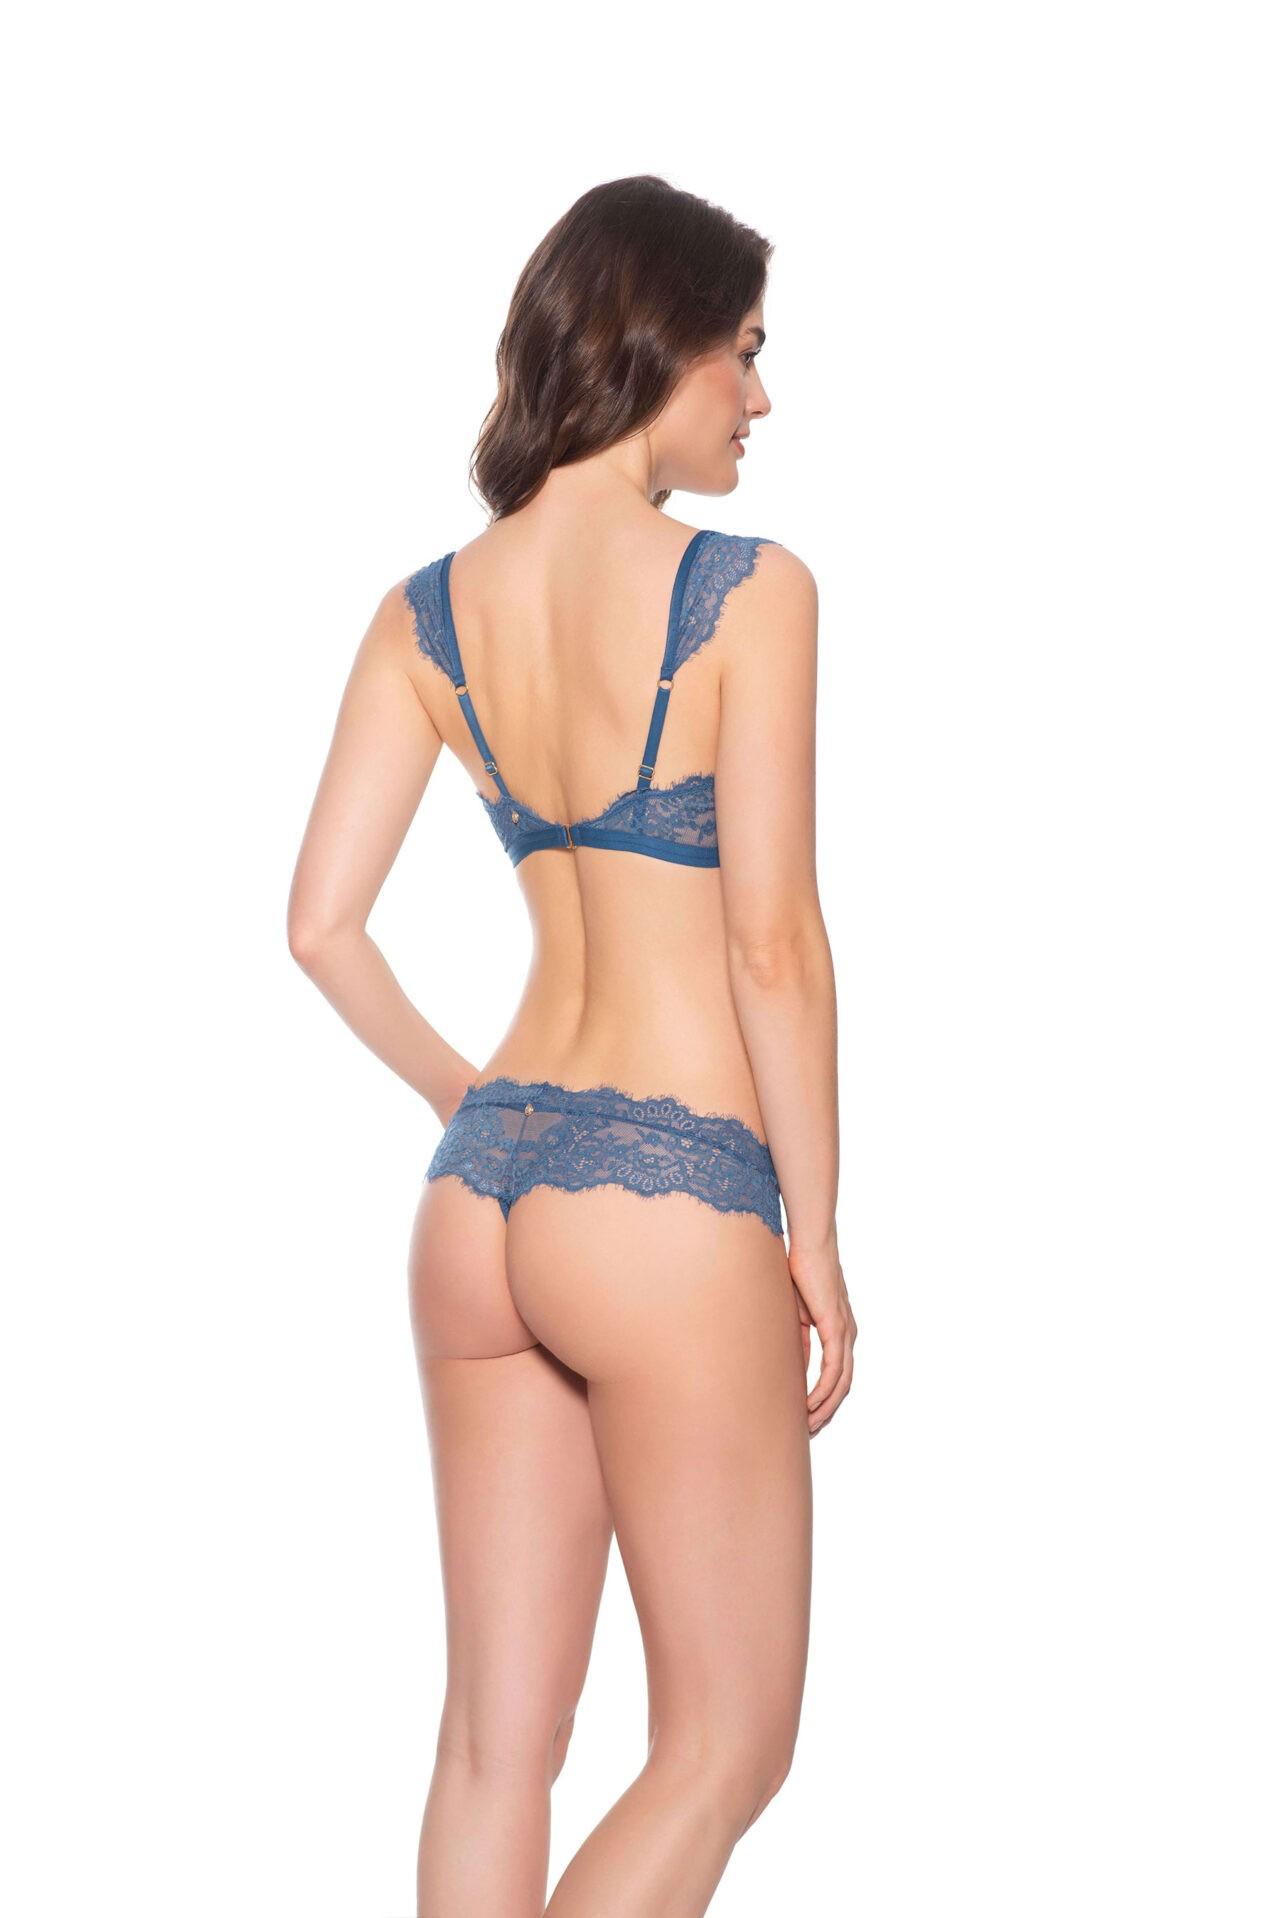 ropa-interior-serene-blue-livenza-atizz